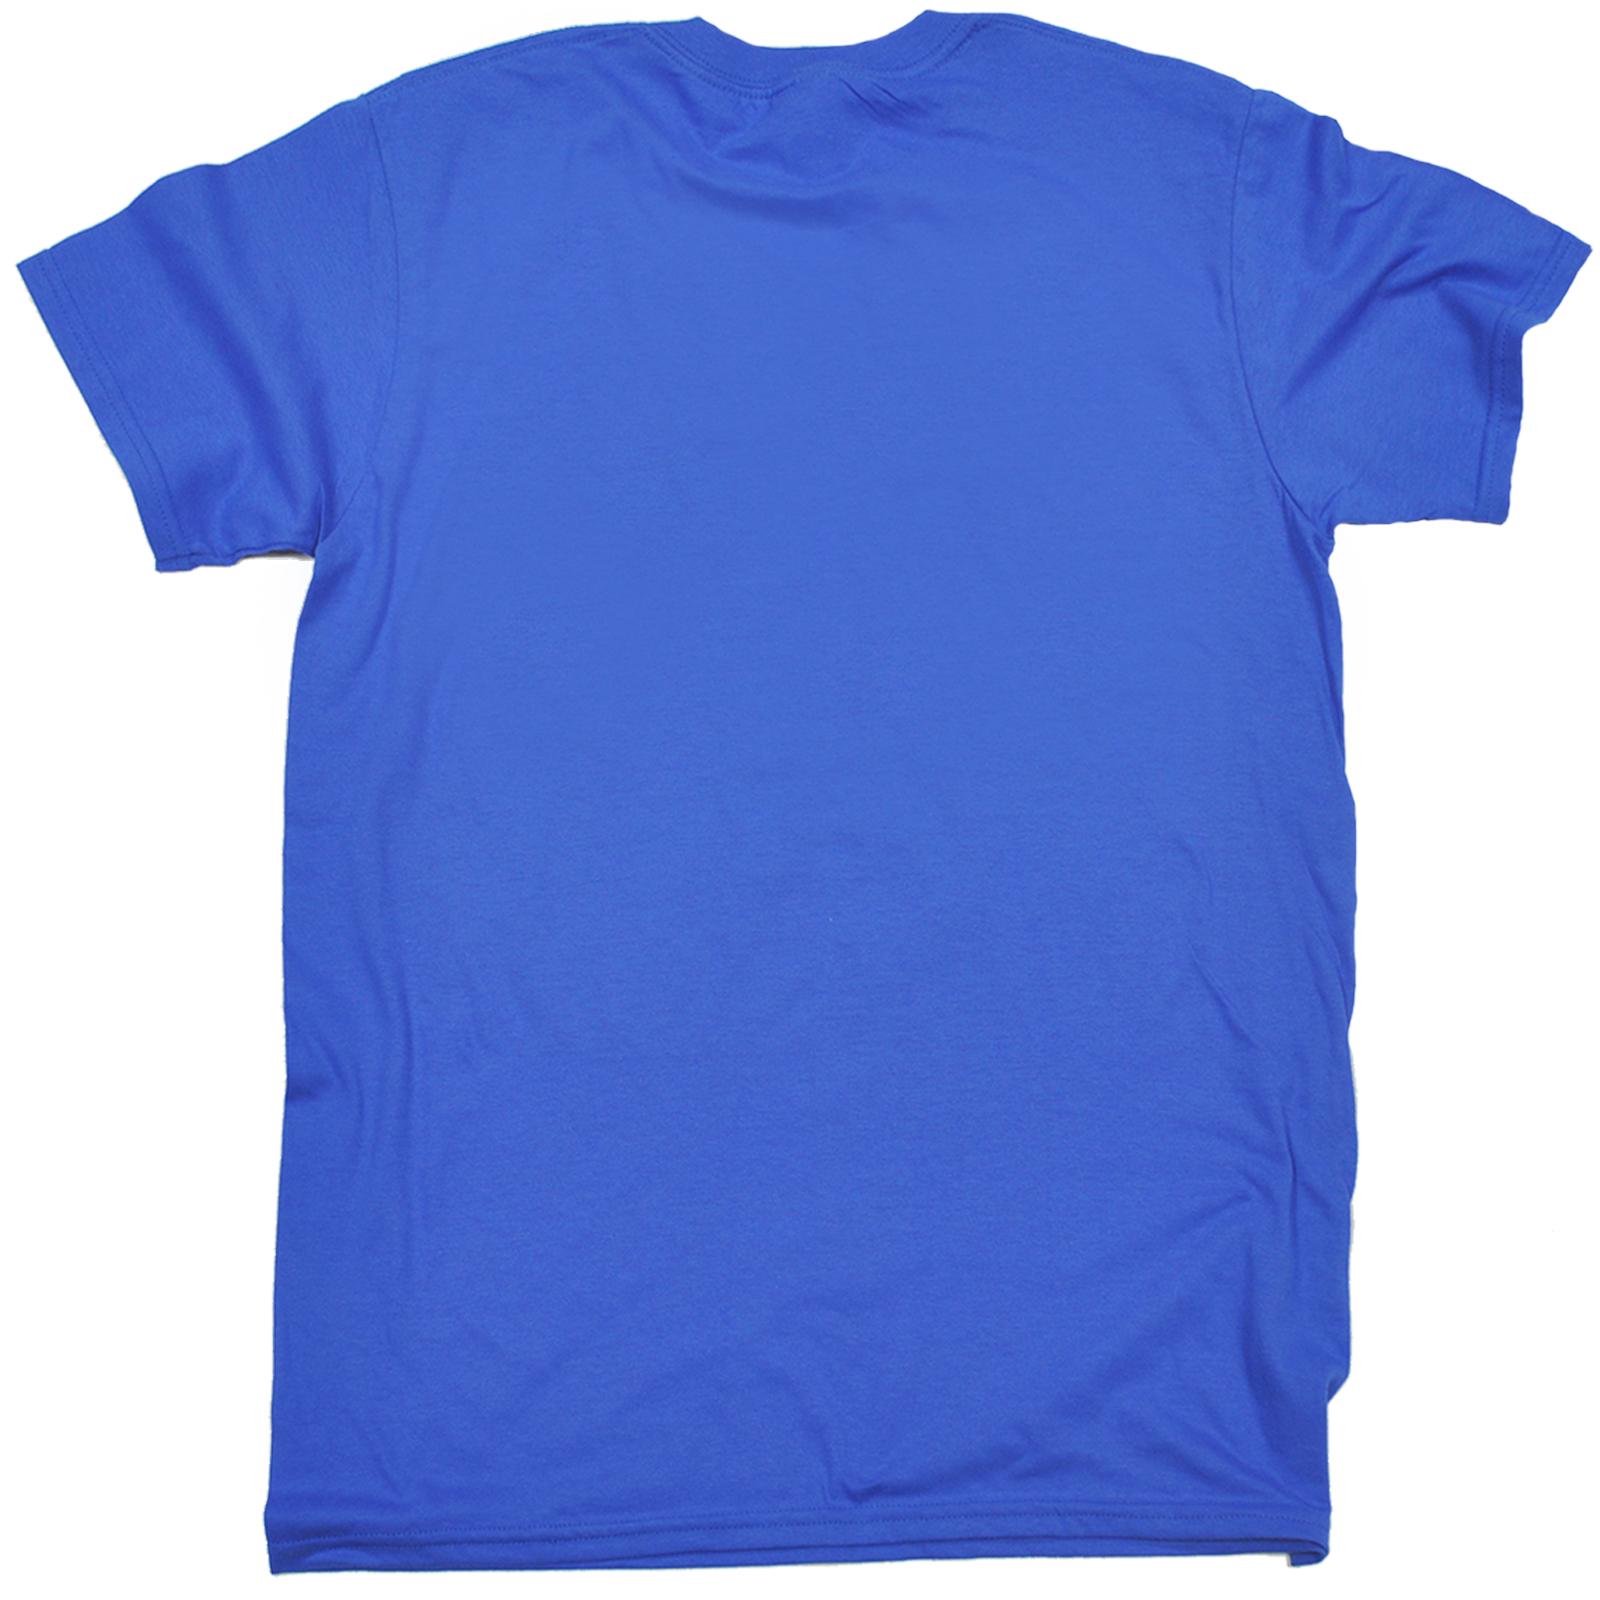 Funny-Novelty-T-Shirt-Mens-tee-TShirt-I-Dont-Give-A thumbnail 17